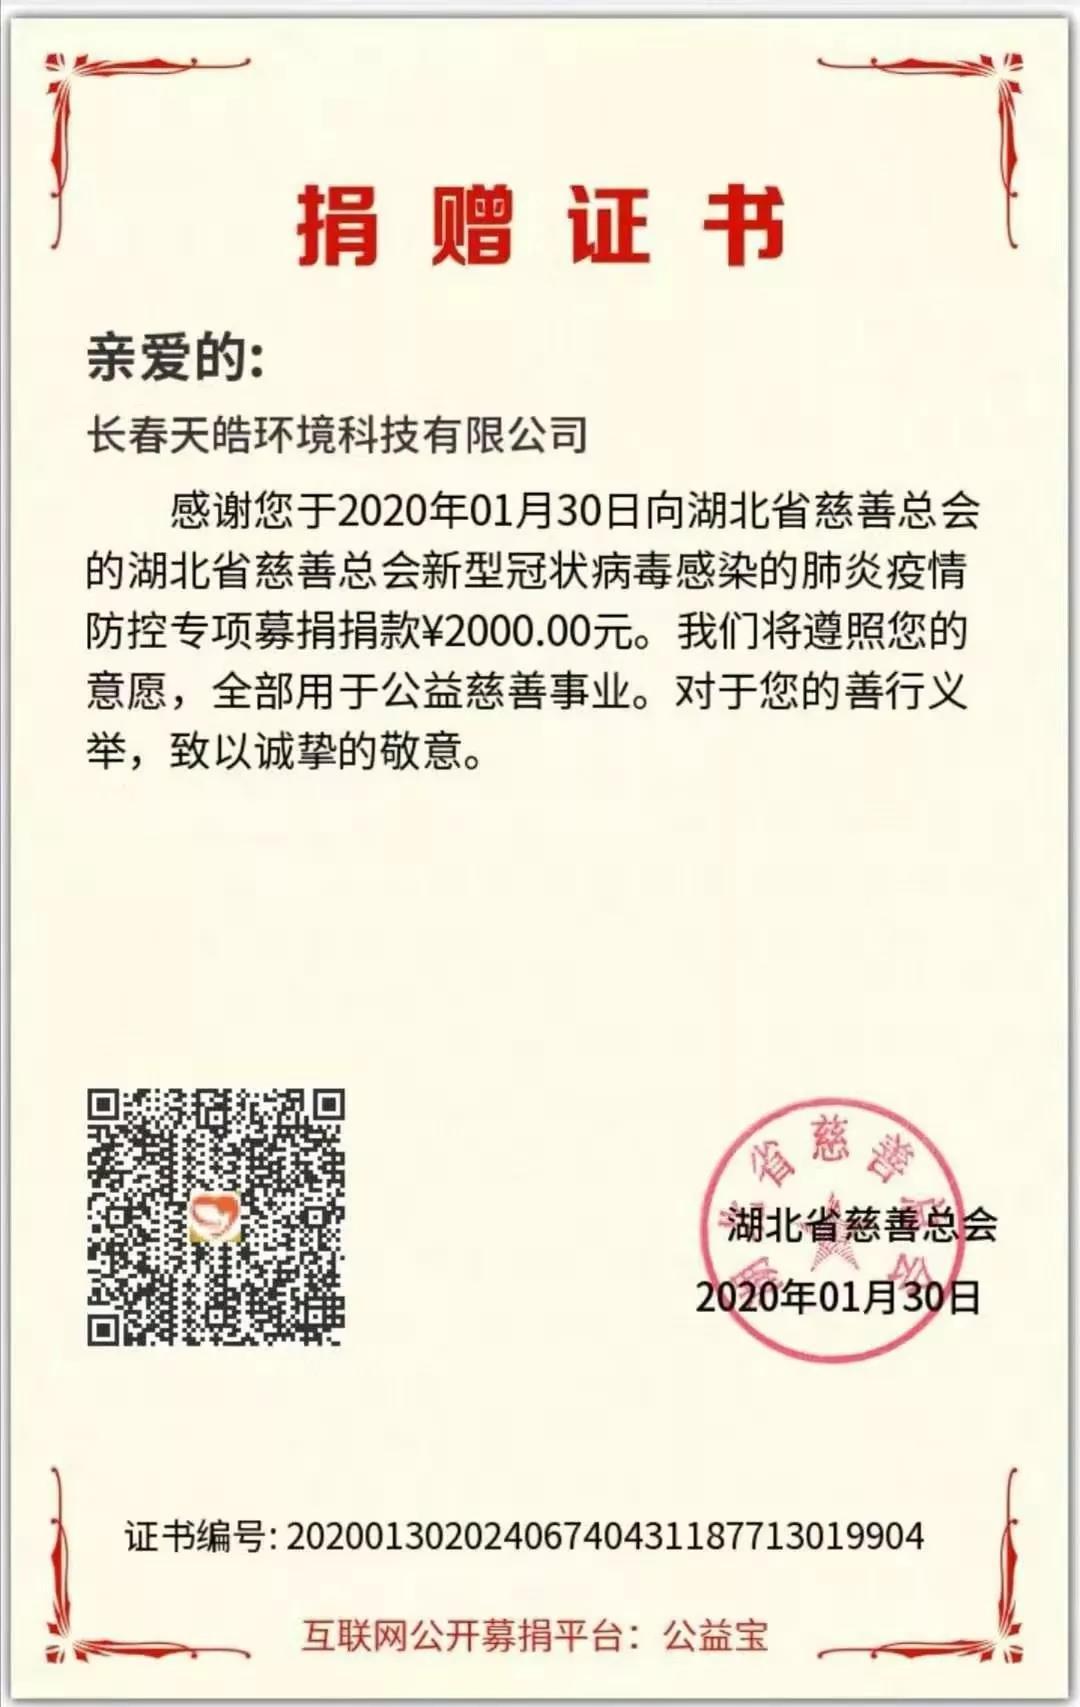 微信图片_20200224110006.jpg